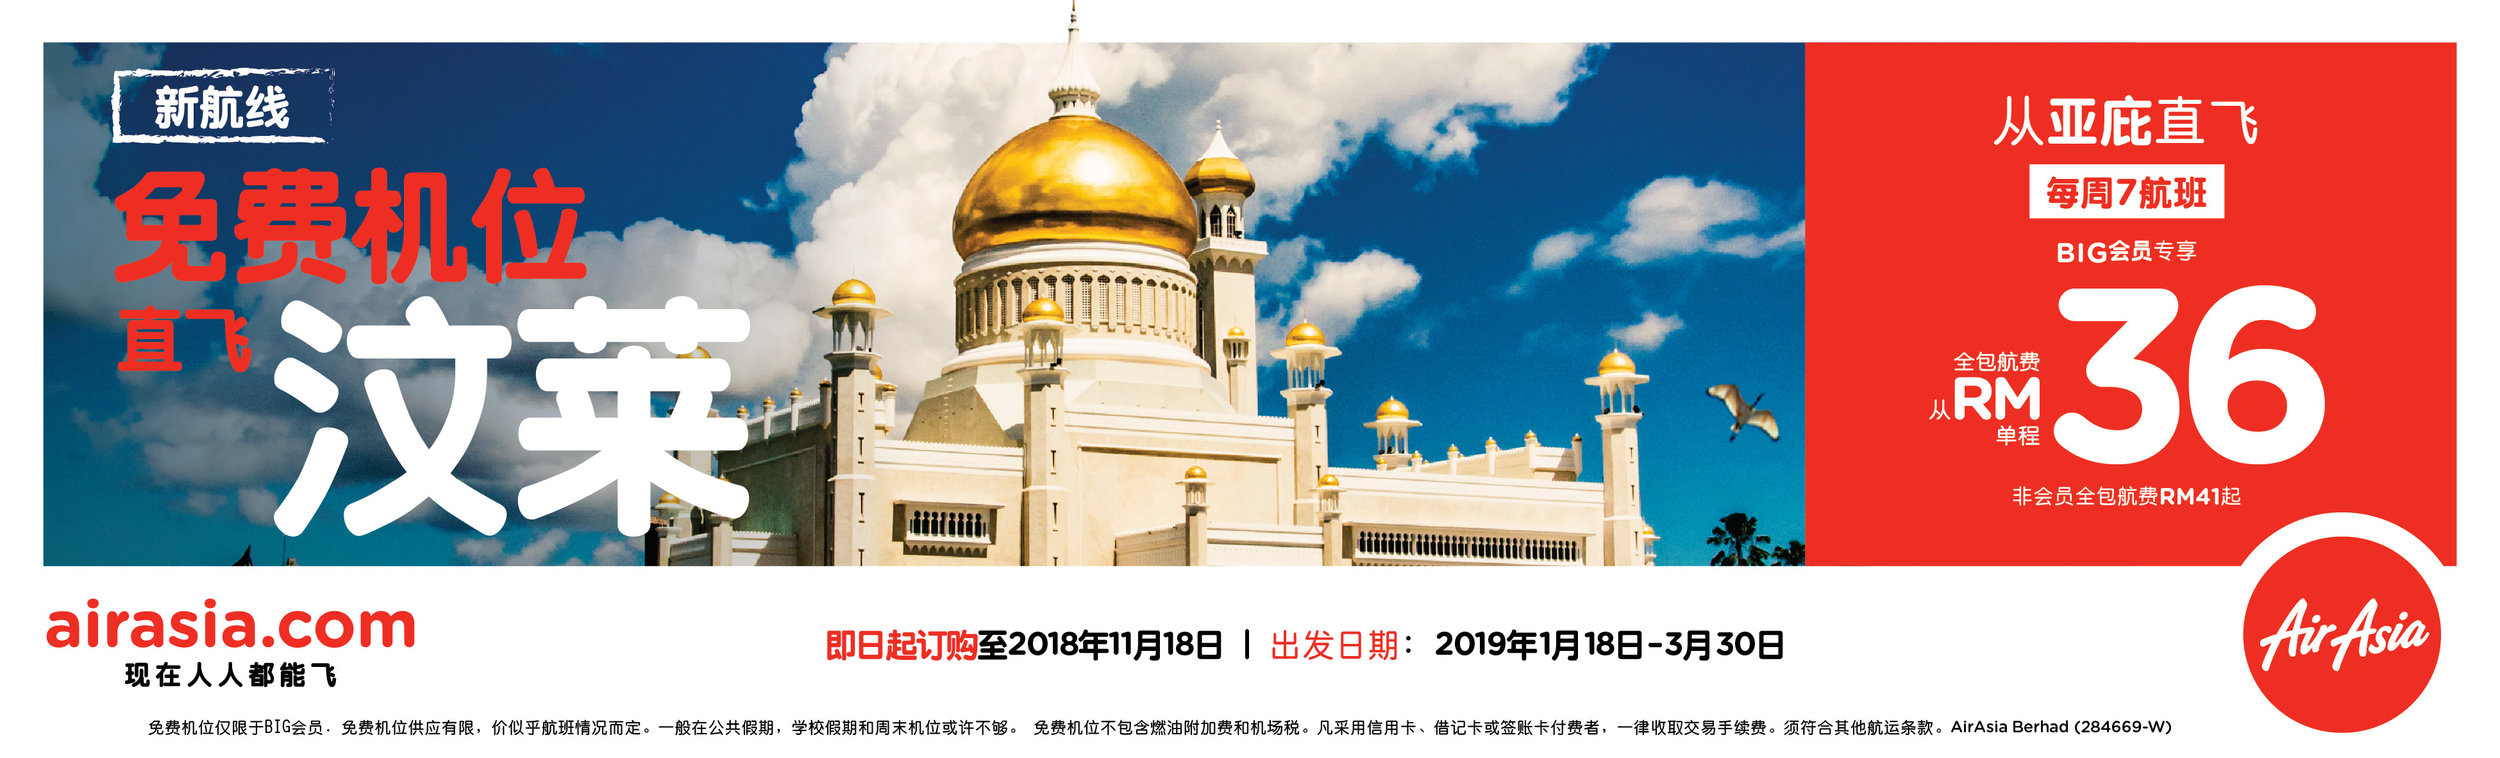 BND_BKI_SC_BND - Chinese.jpg